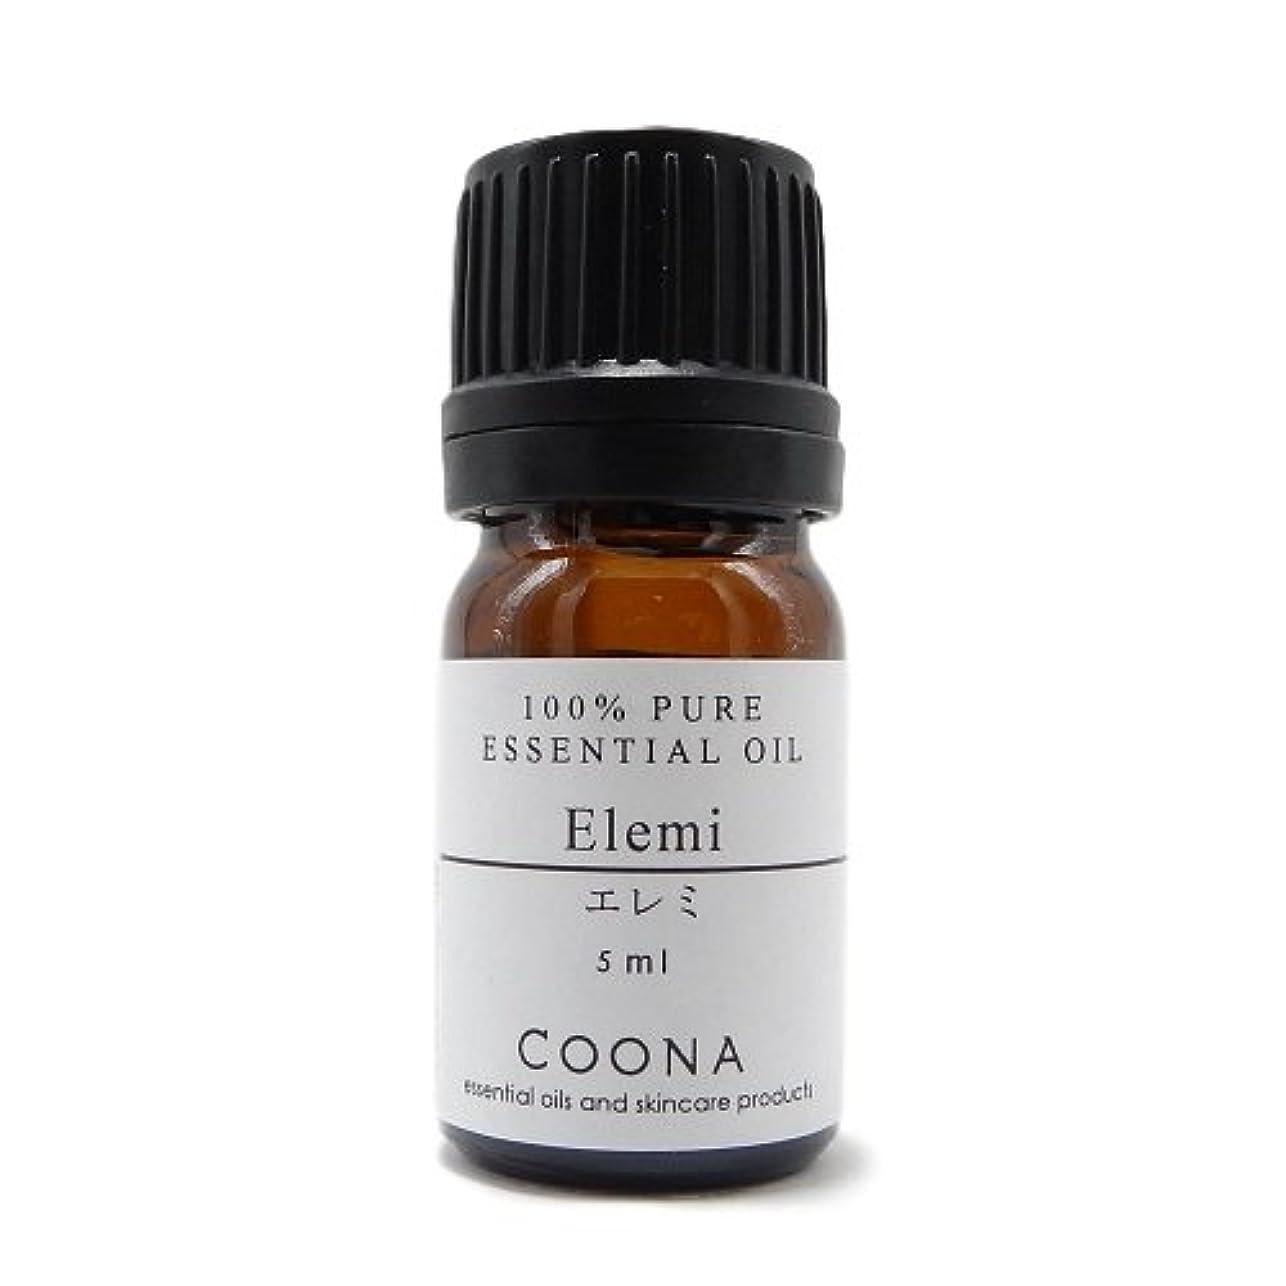 継続中ピンクリルエレミ 5 ml (COONA エッセンシャルオイル アロマオイル 100%天然植物精油)